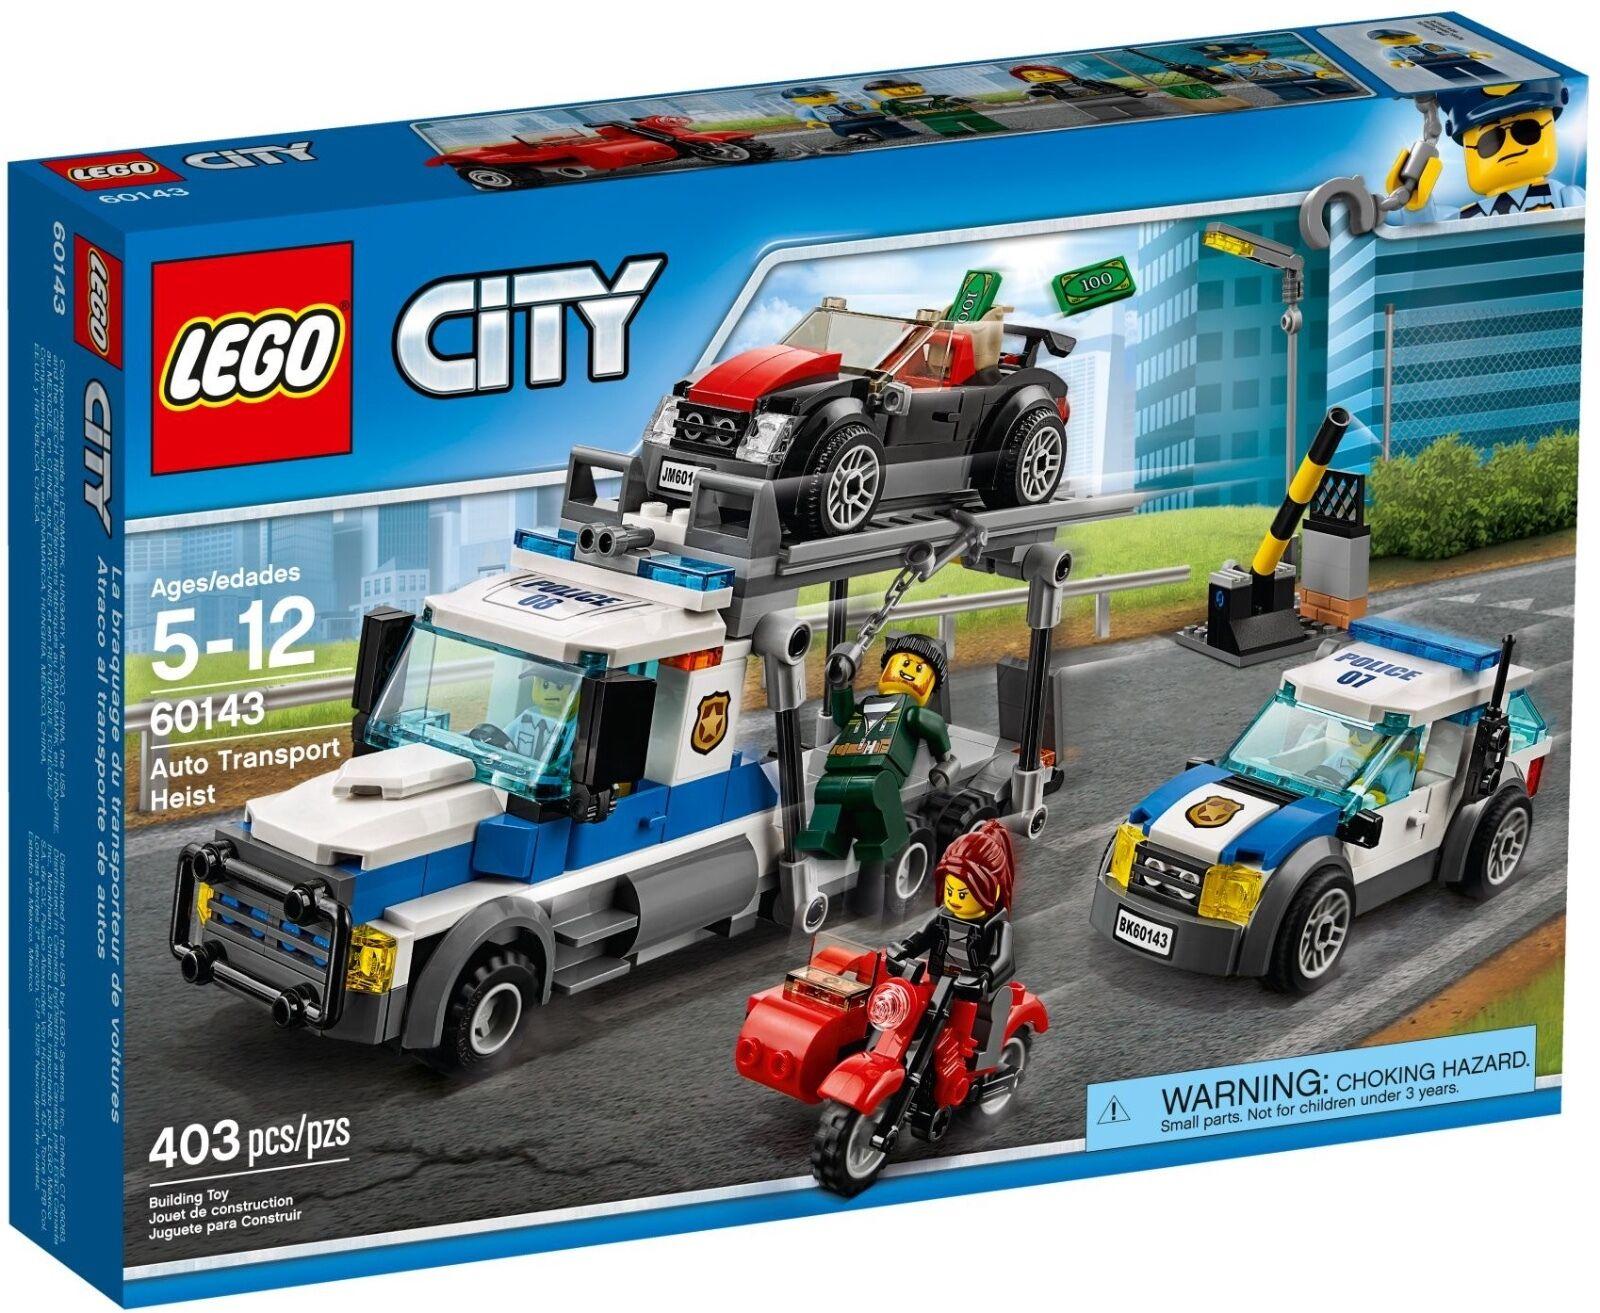 LEGO ® City 60143 Raid sur porte voitures neuf neuf dans sa boîte _ voiture transport s'appelle New